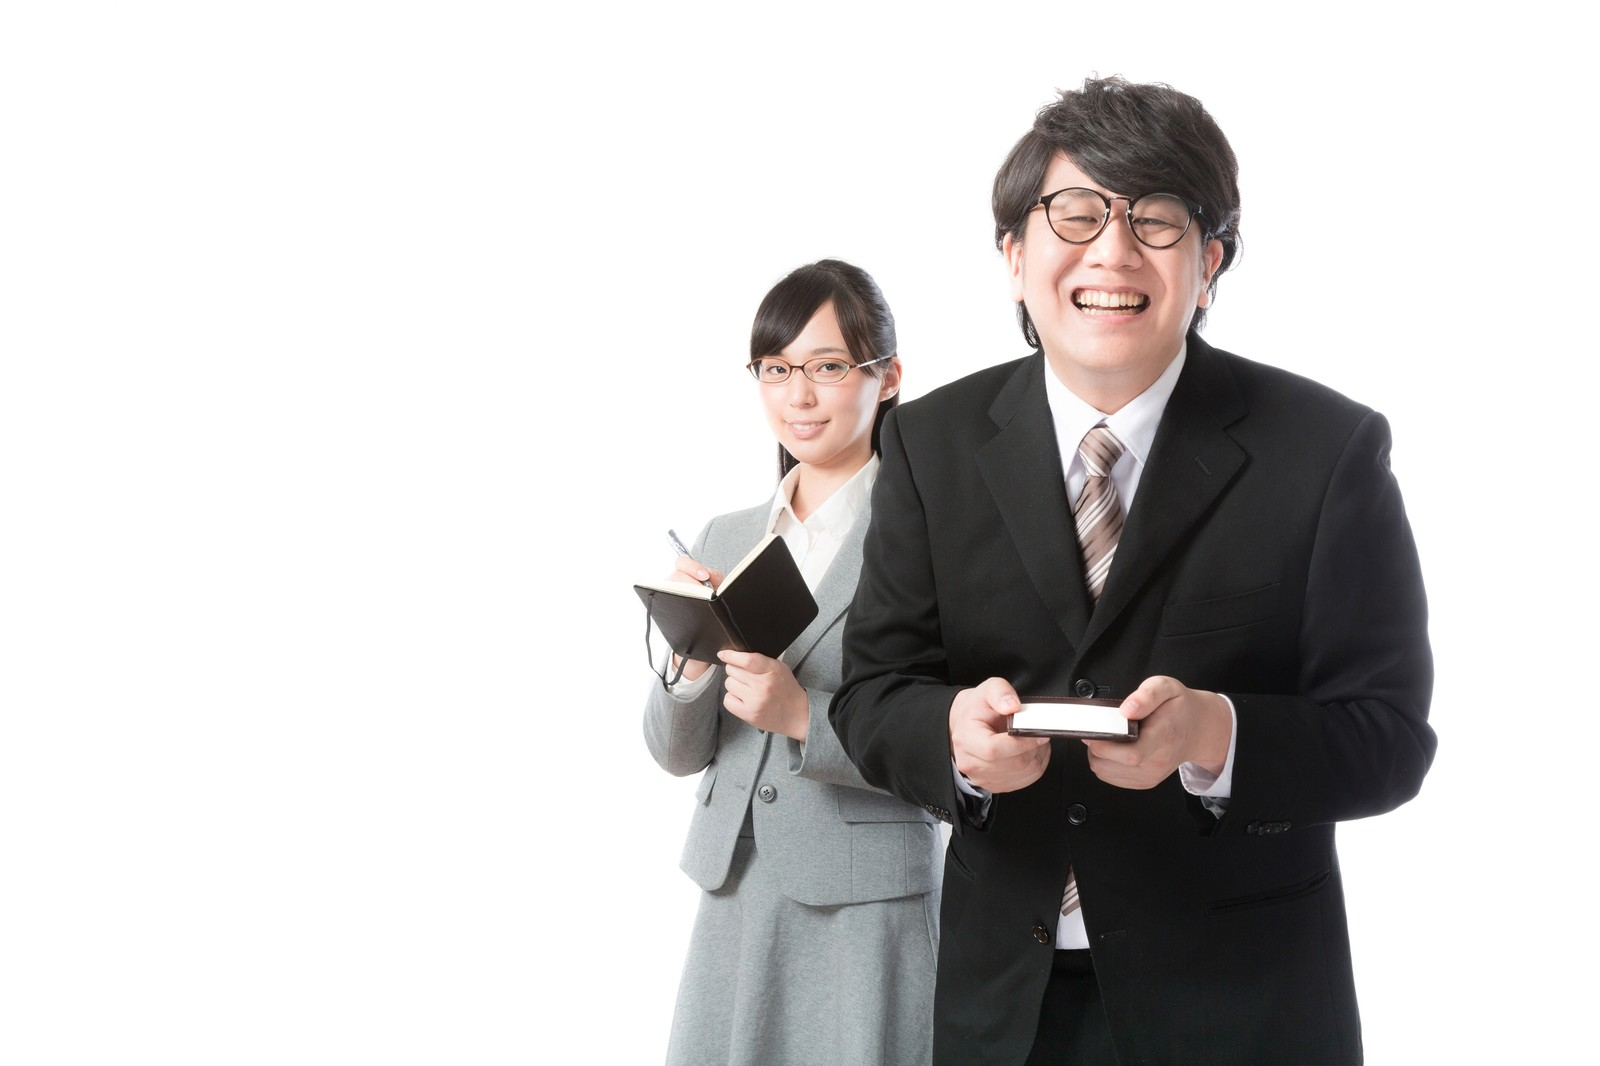 秘書検定2級の難易度・合格率・必要な勉強時間・就職に役立つ?